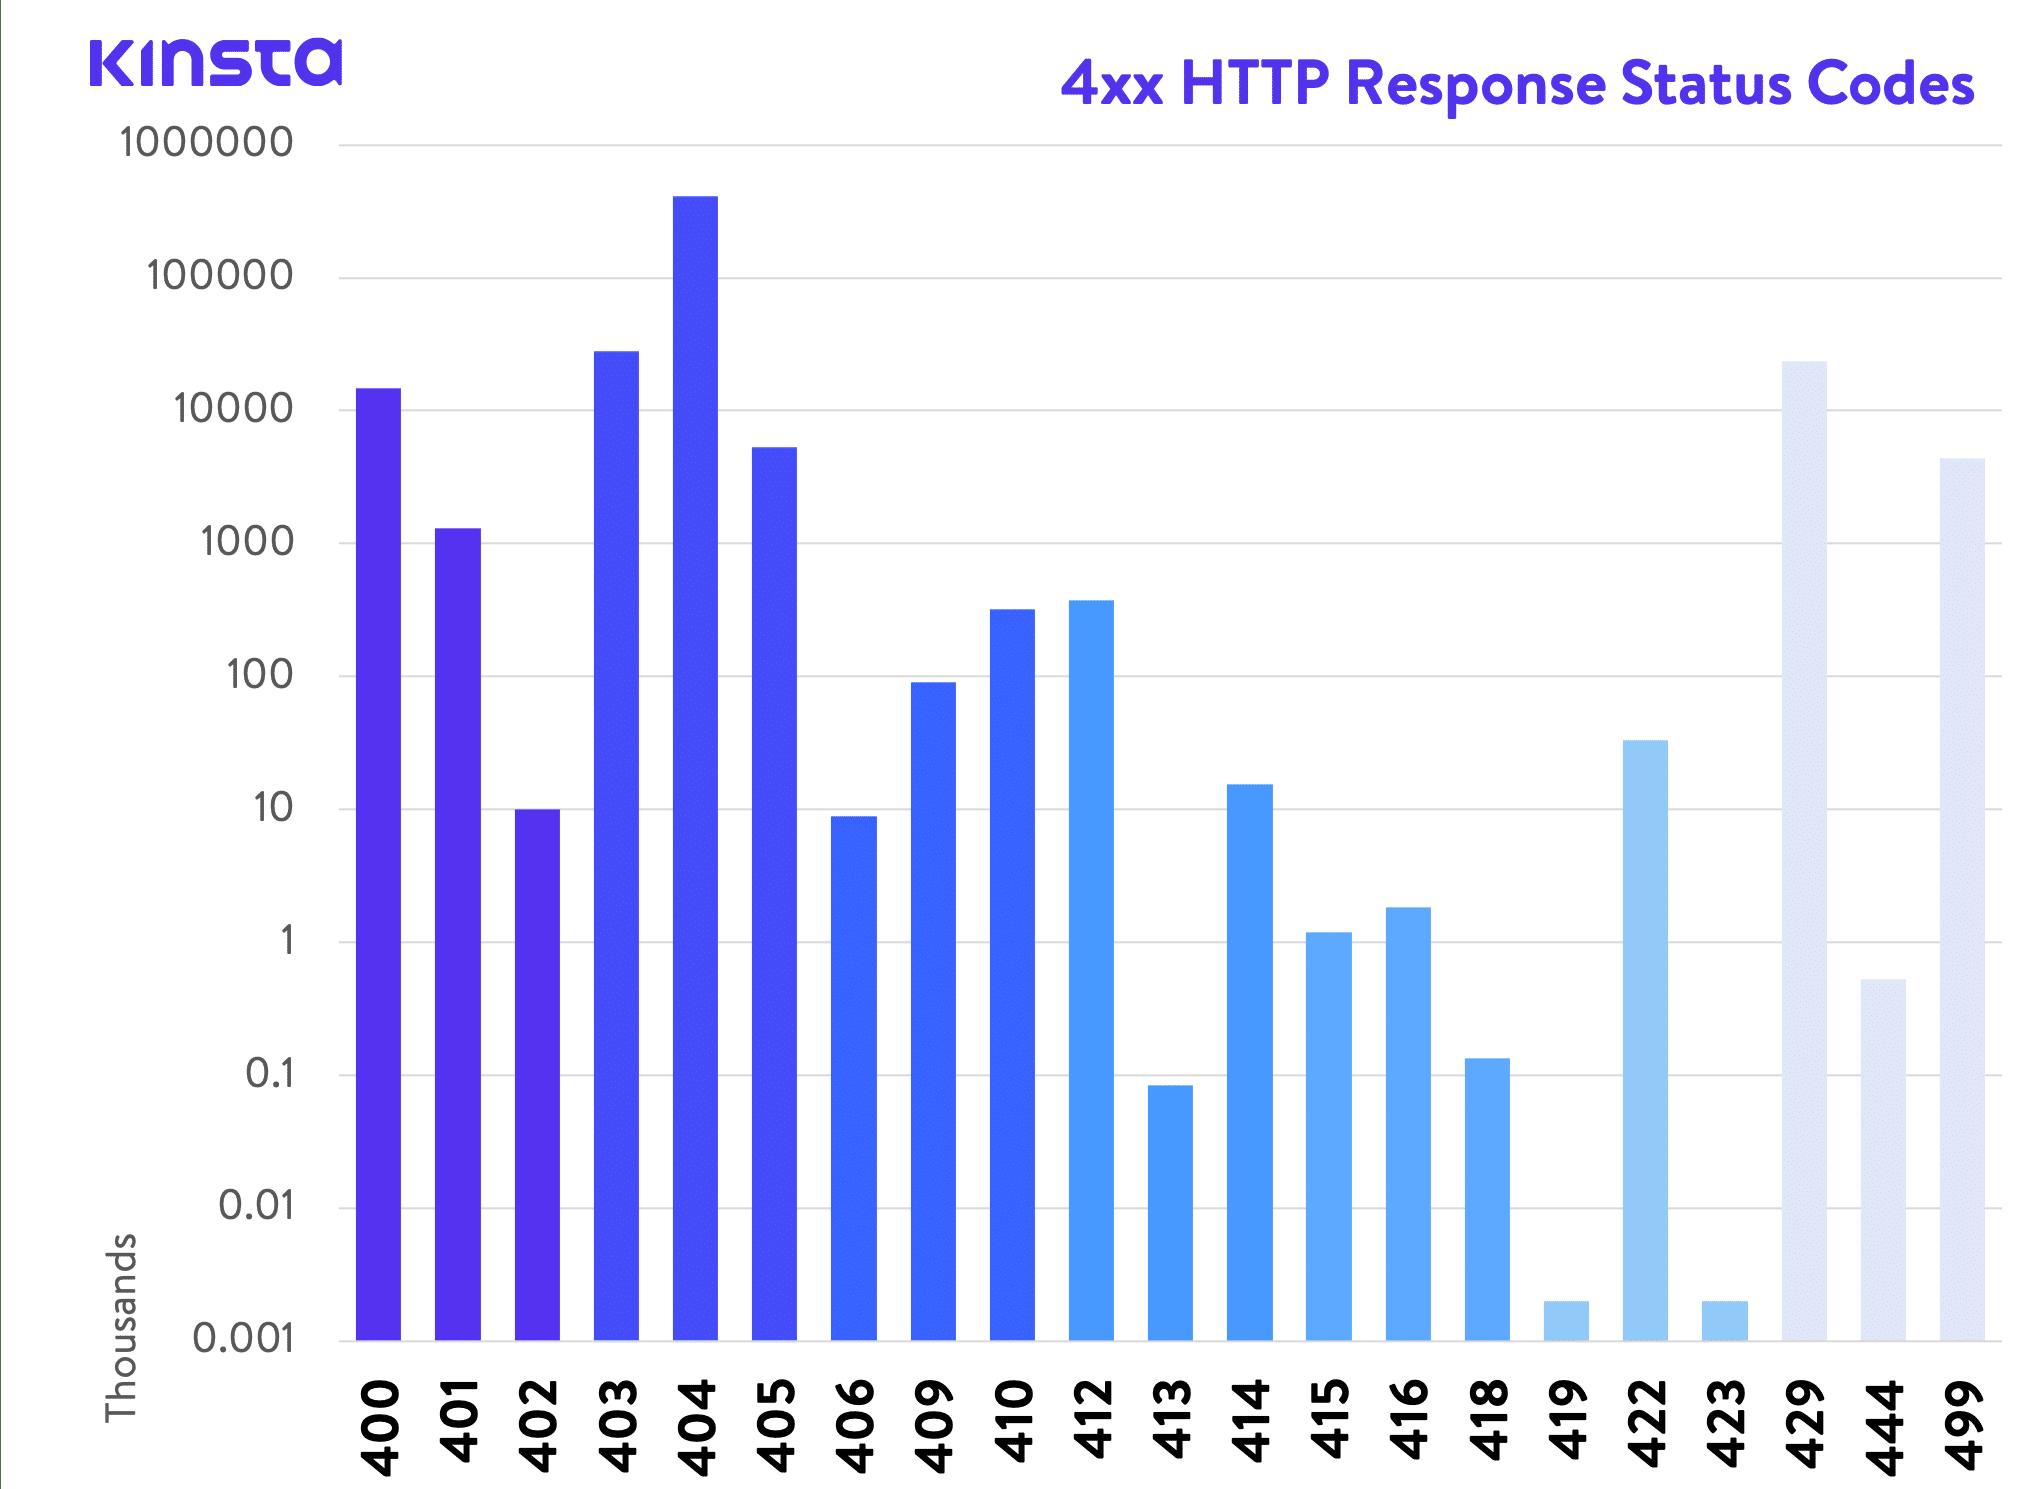 Códigos de estatus de respuesta HTTP 4xx